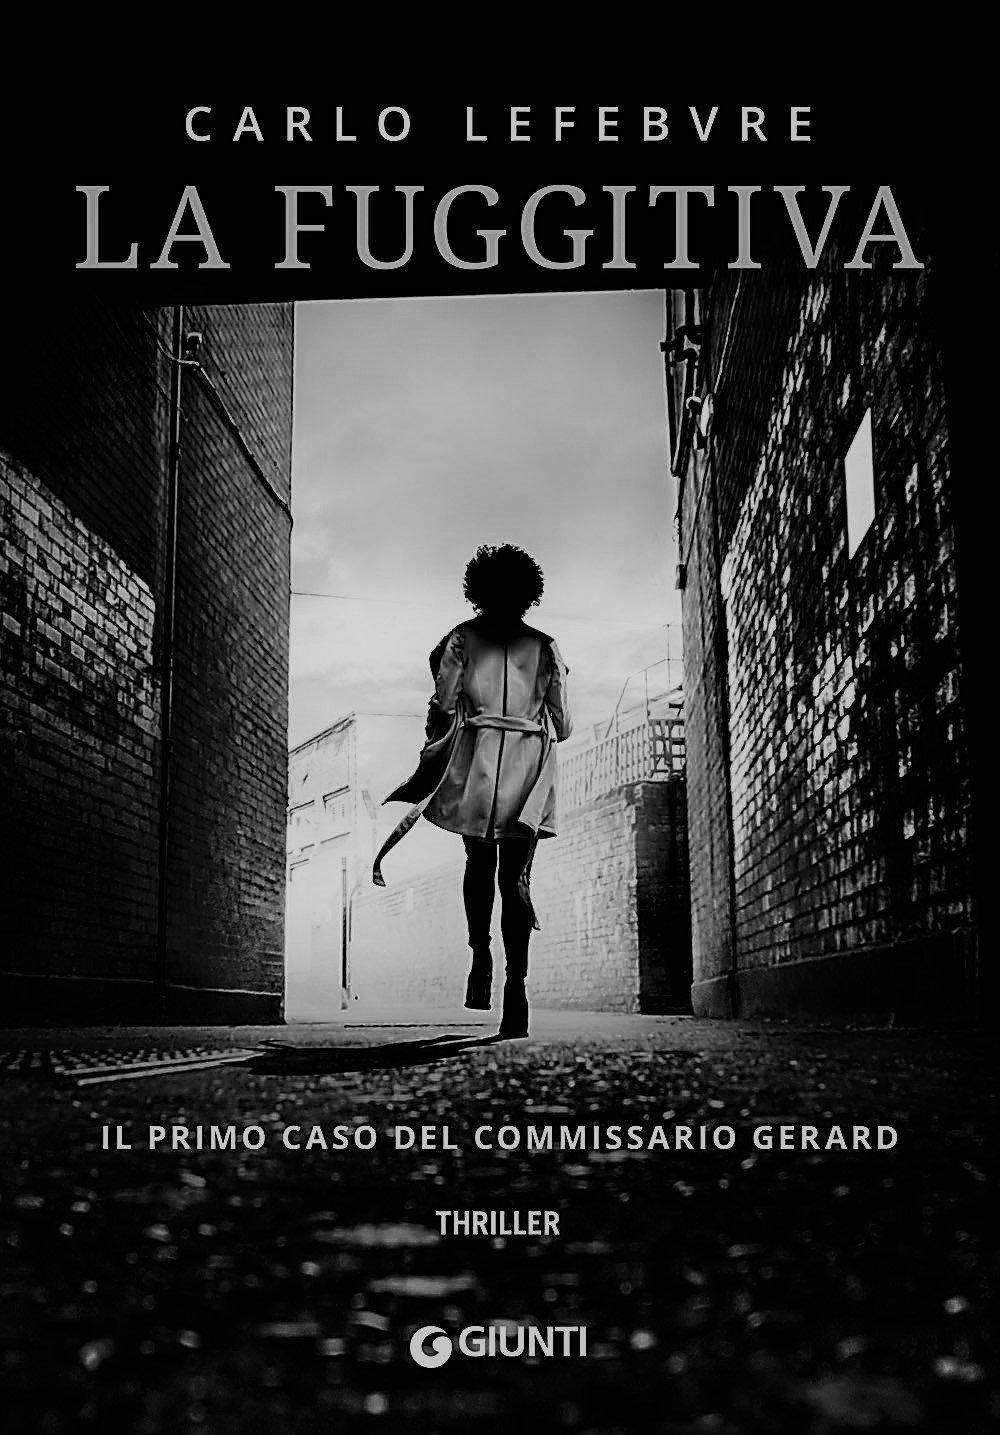 La Fuggitiva (Il primo caso del commissario Gérard)